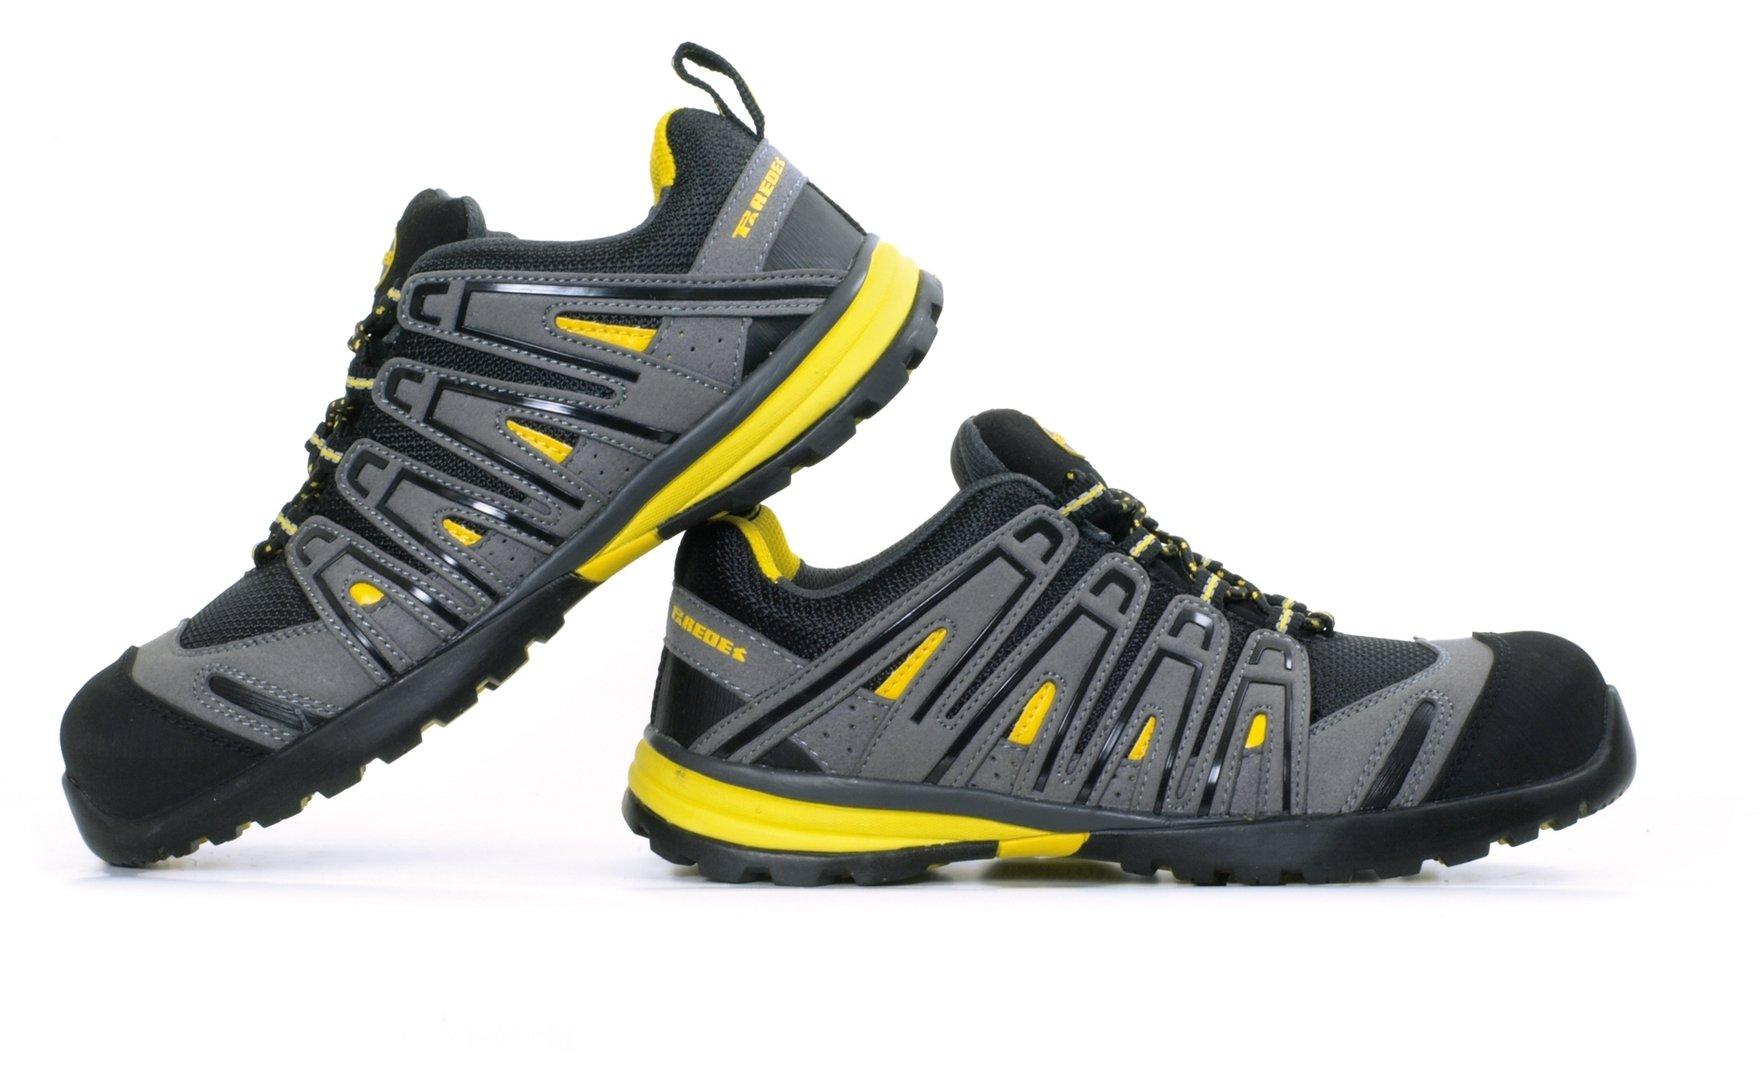 Zapato De Calzado Seguridad Helio Trabajo Paredes Ropa q41wq